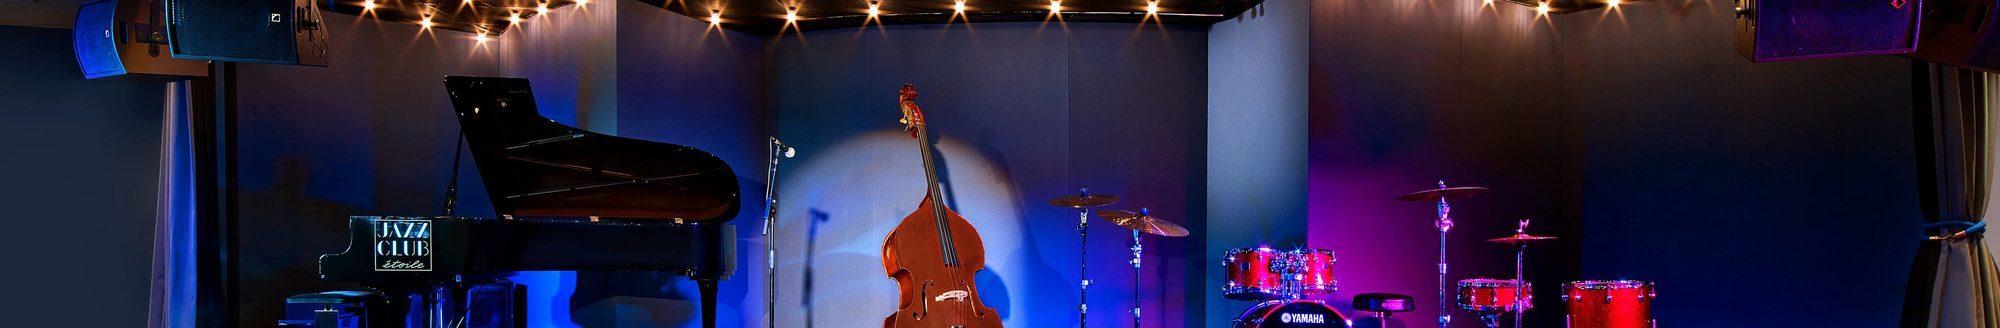 Jazz Club Etoile - Noël 2019